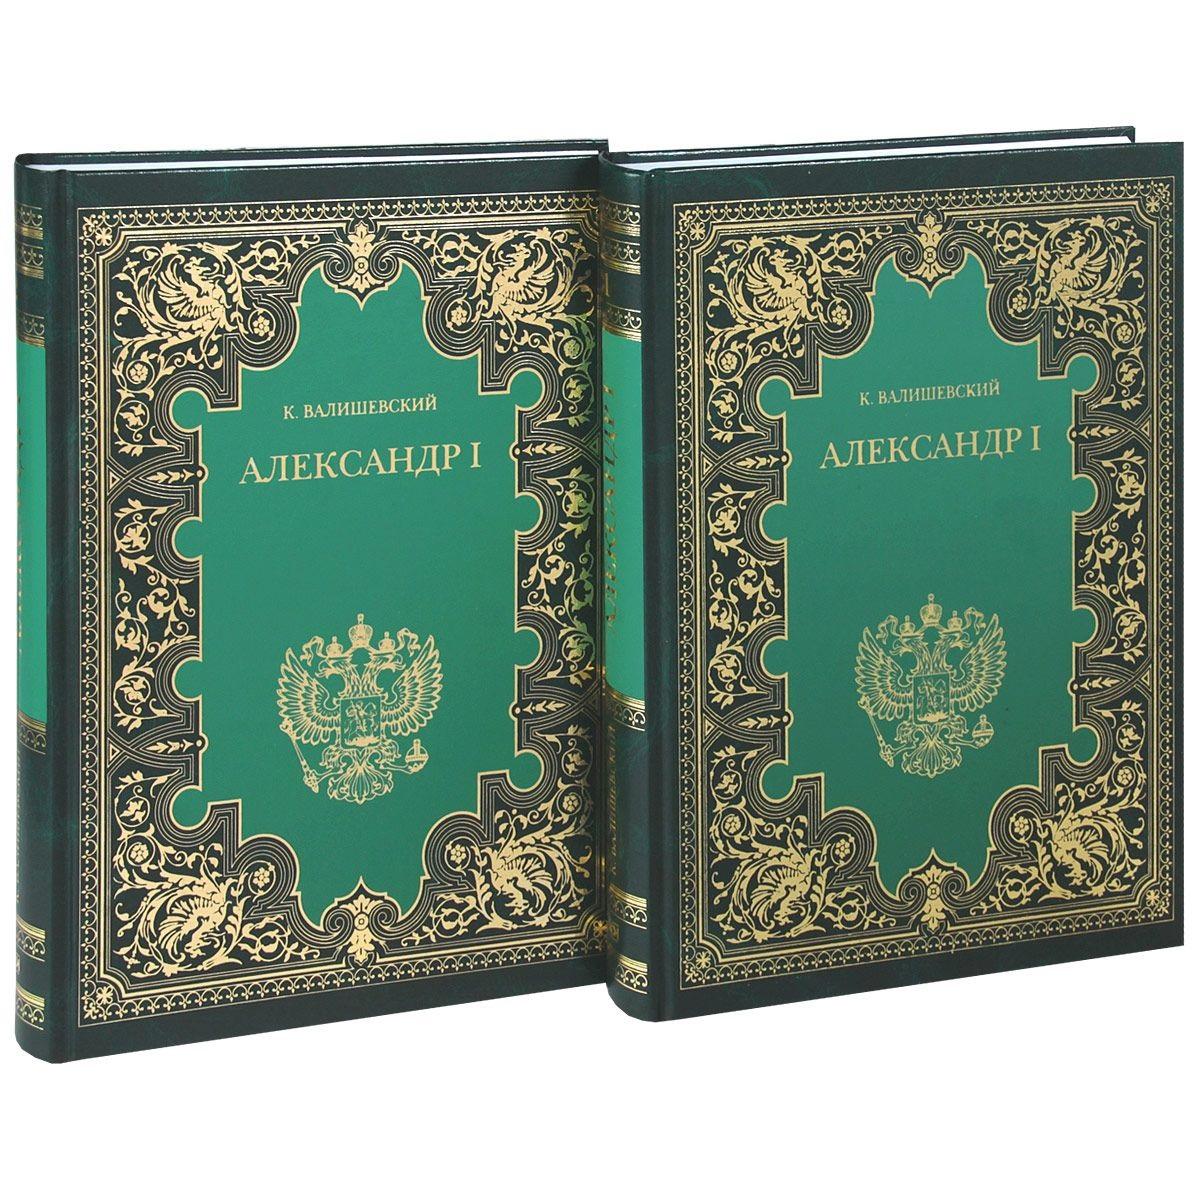 Валишевский К. Александр I. В двух книгах (комплект из 2 книг) постельное белье 2сп 70 70 diva afrodita